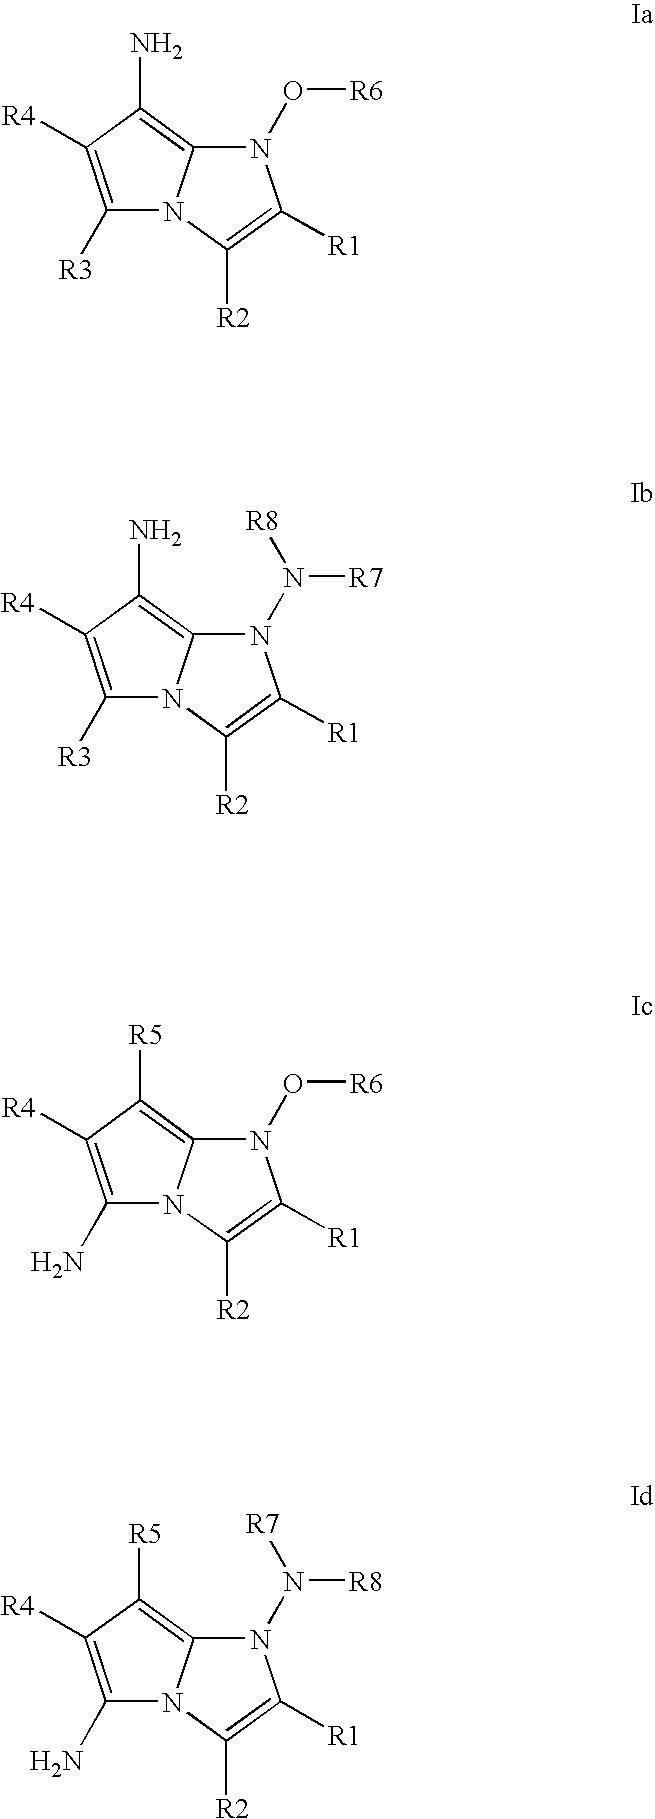 Figure US07288123-20071030-C00007